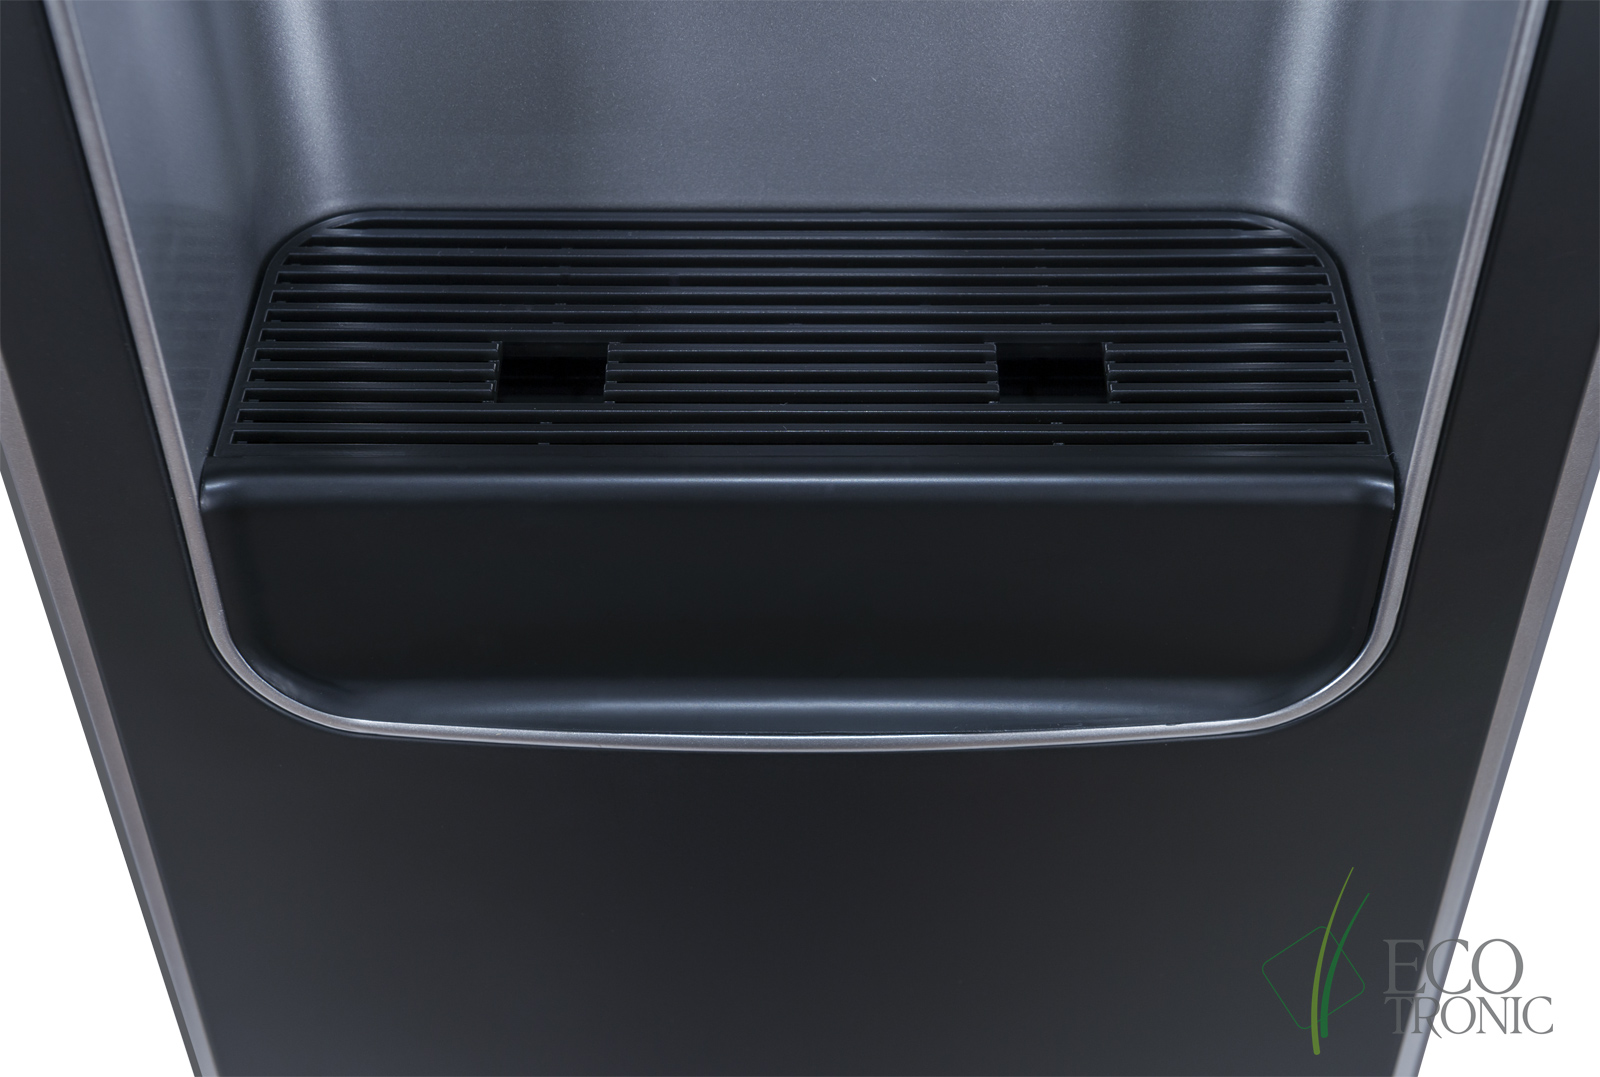 Кулер Ecotronic P5-LPM Black